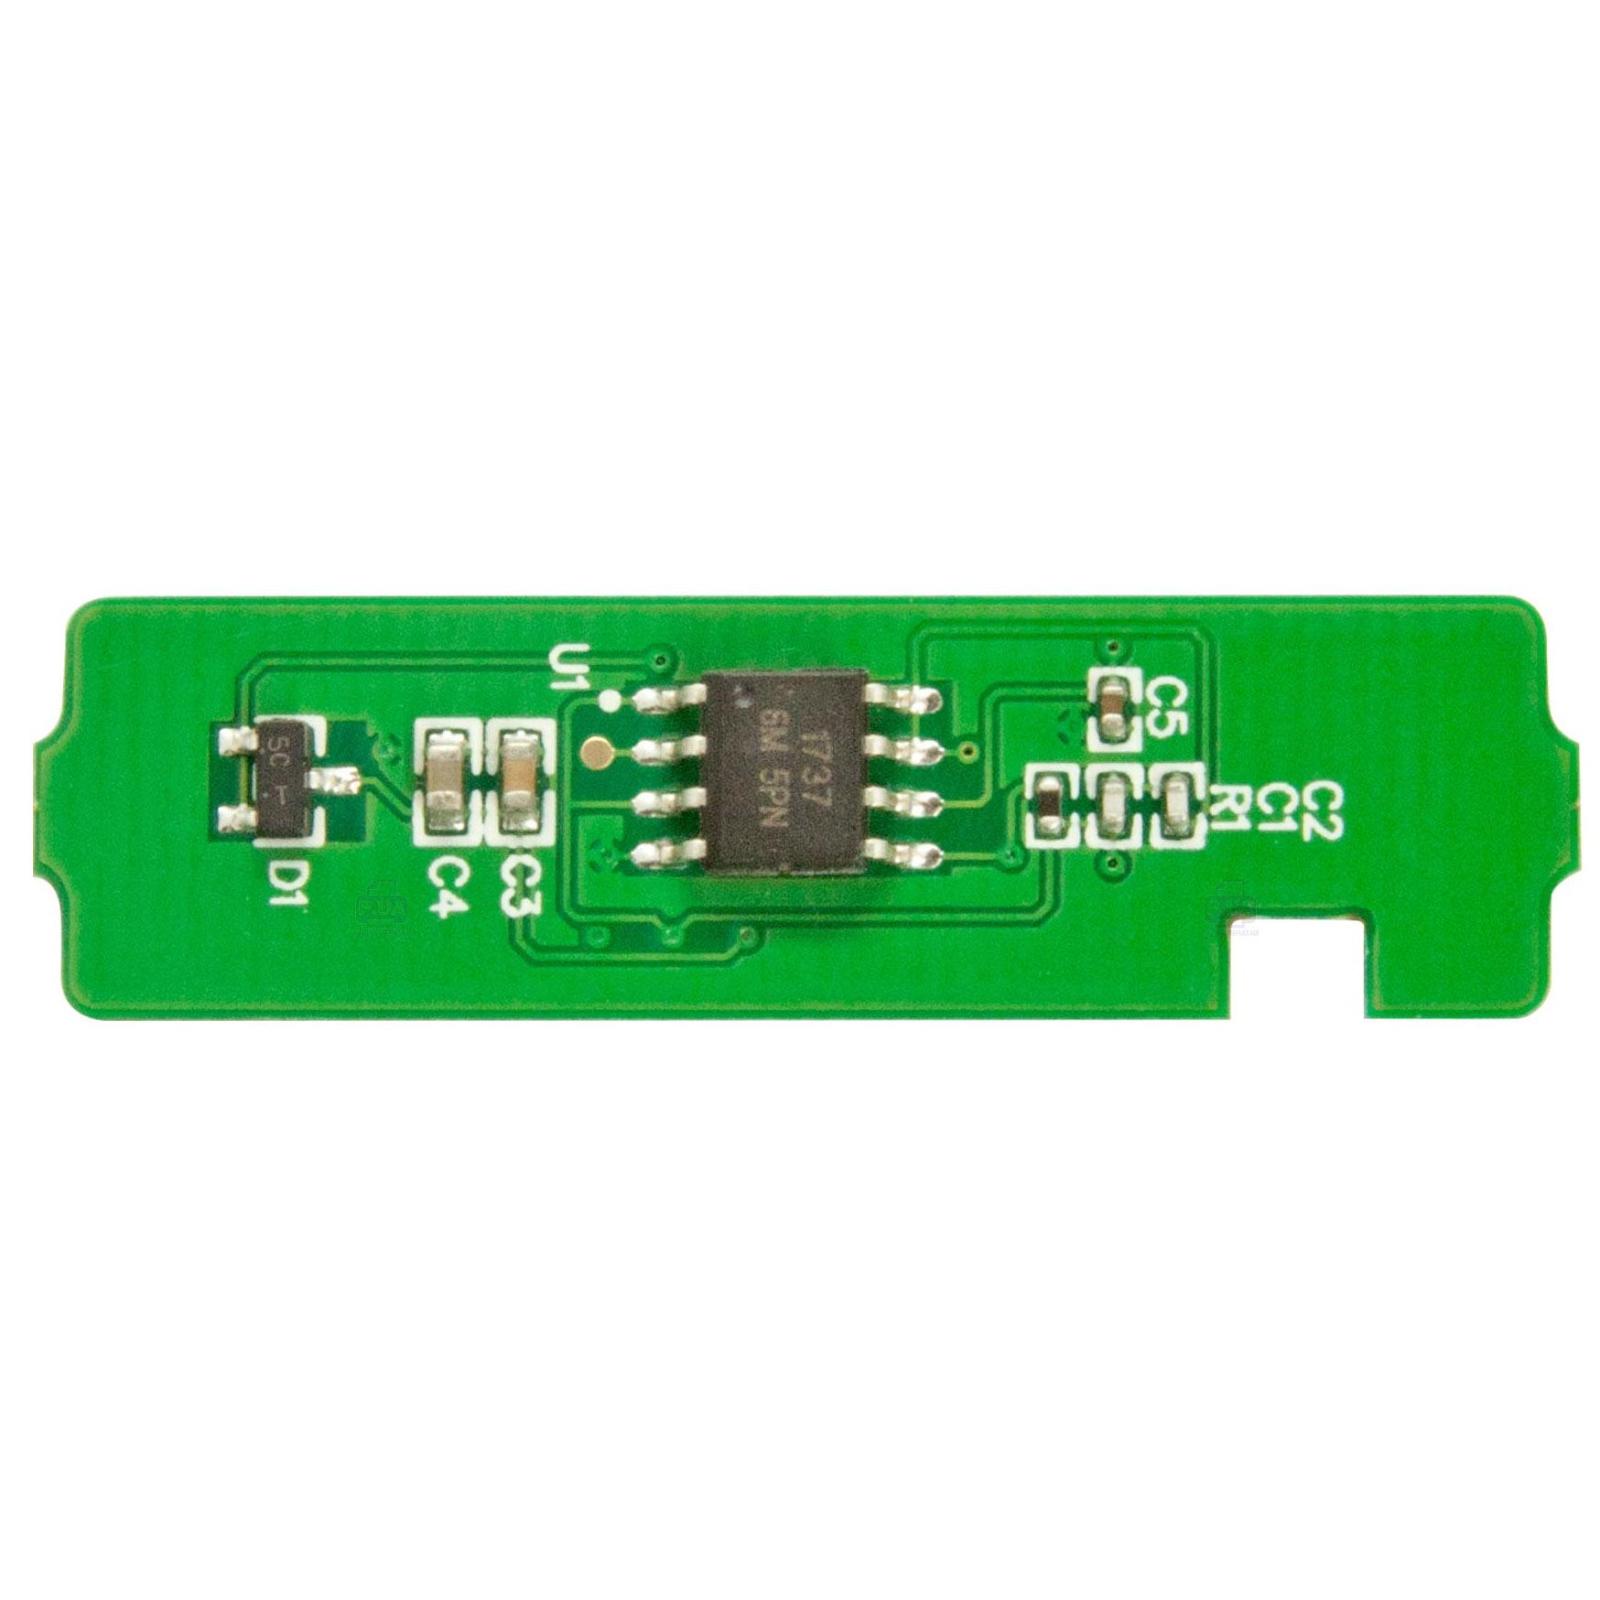 Чип для картриджа Samsung SL-C430W/С480W (1К) Yellow BASF (BASF-CH-Y404S)